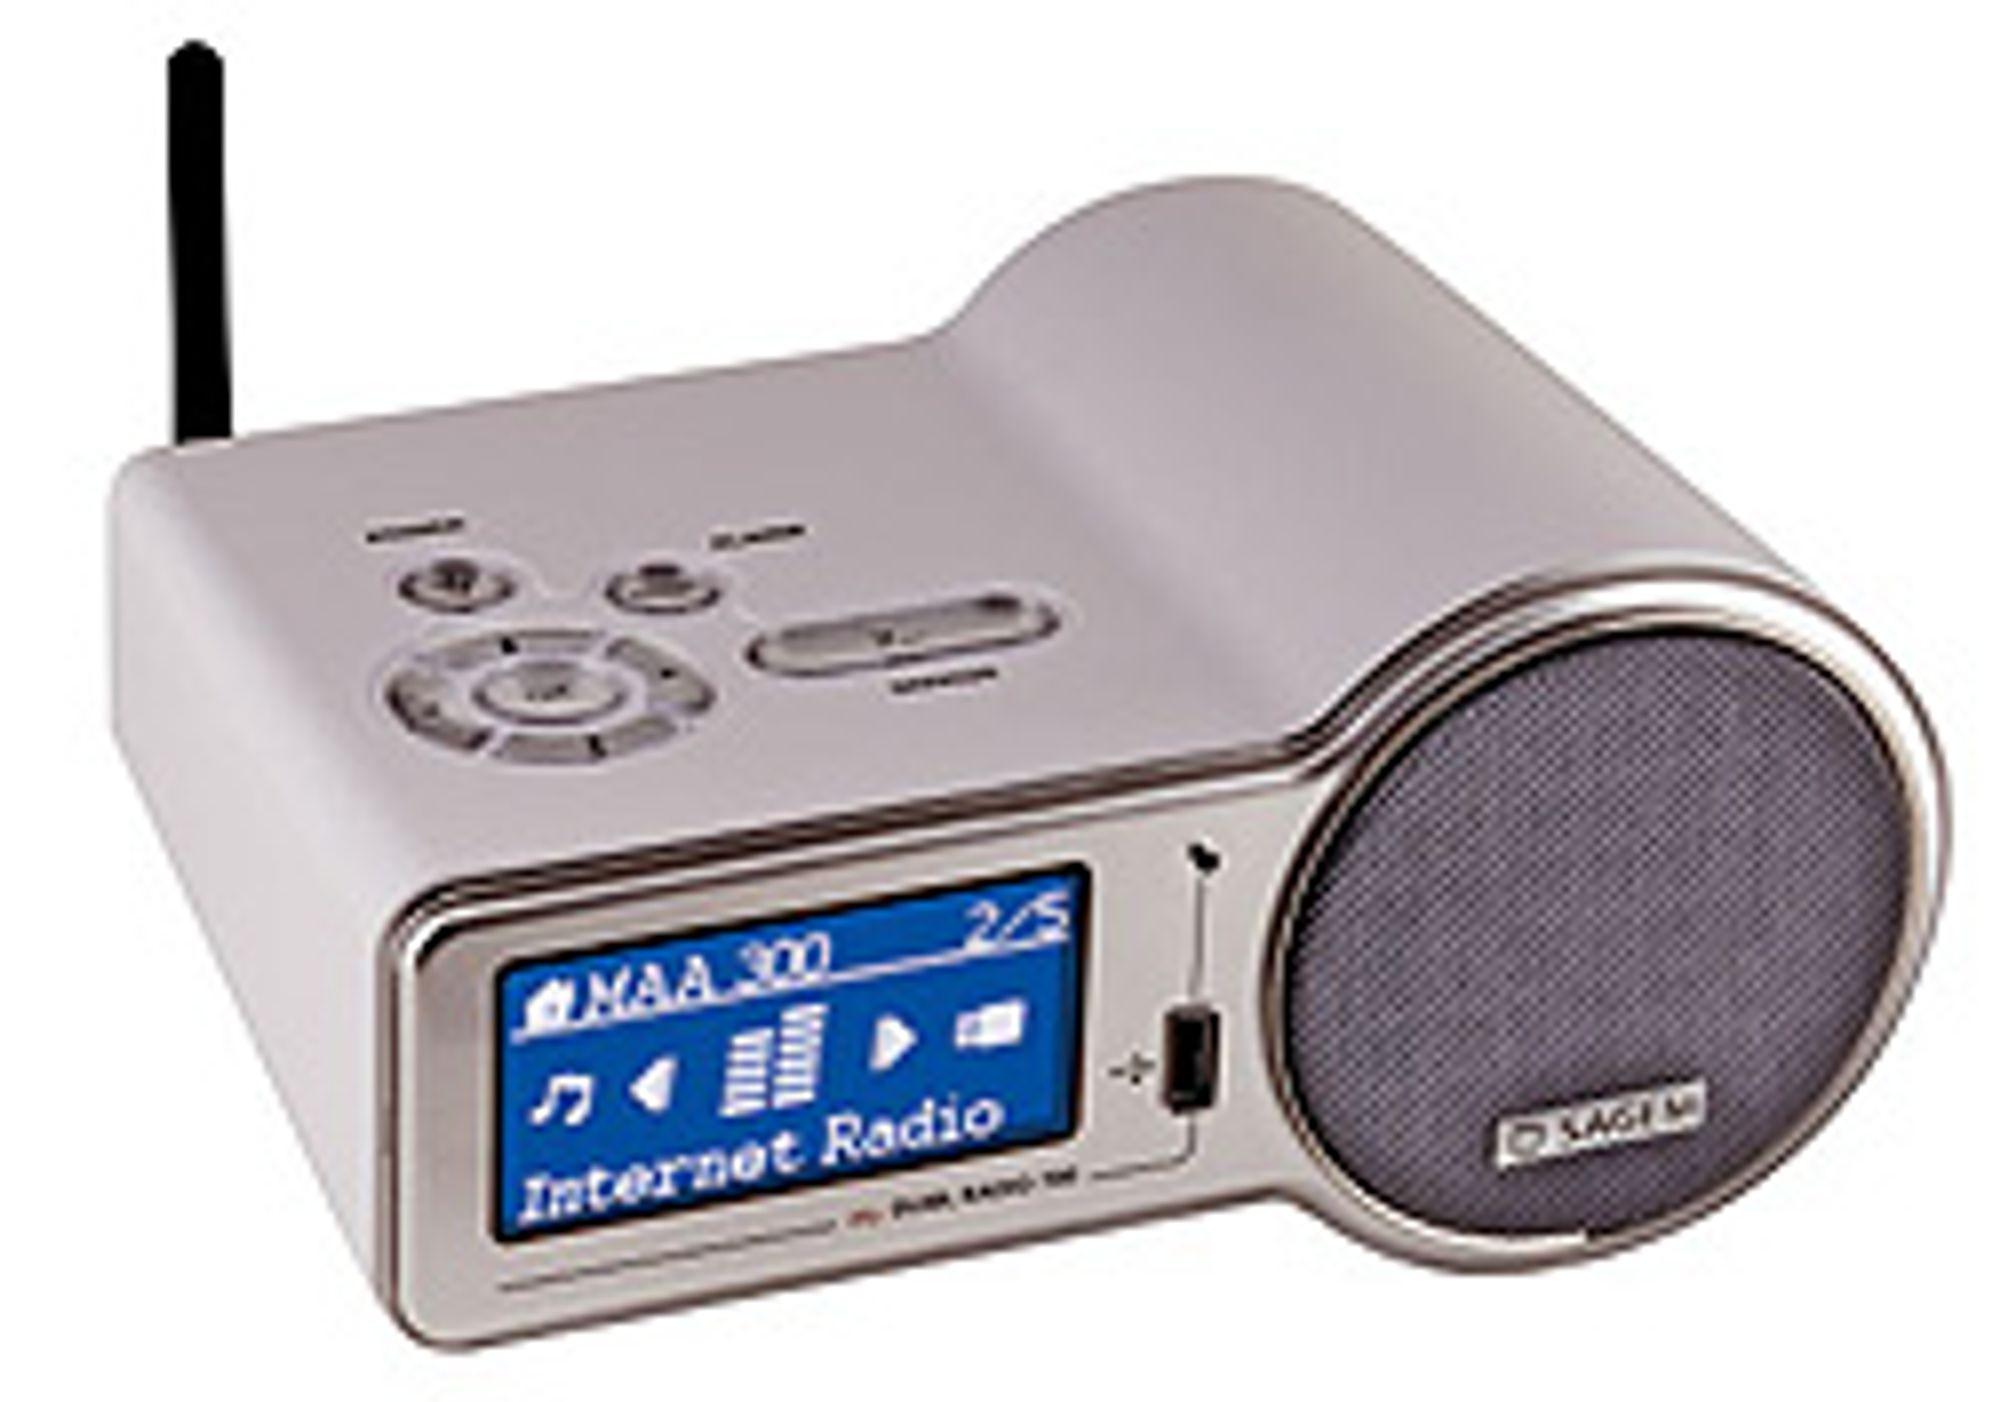 Sagems nye radio er i retro-design. (Foto: Sagem)